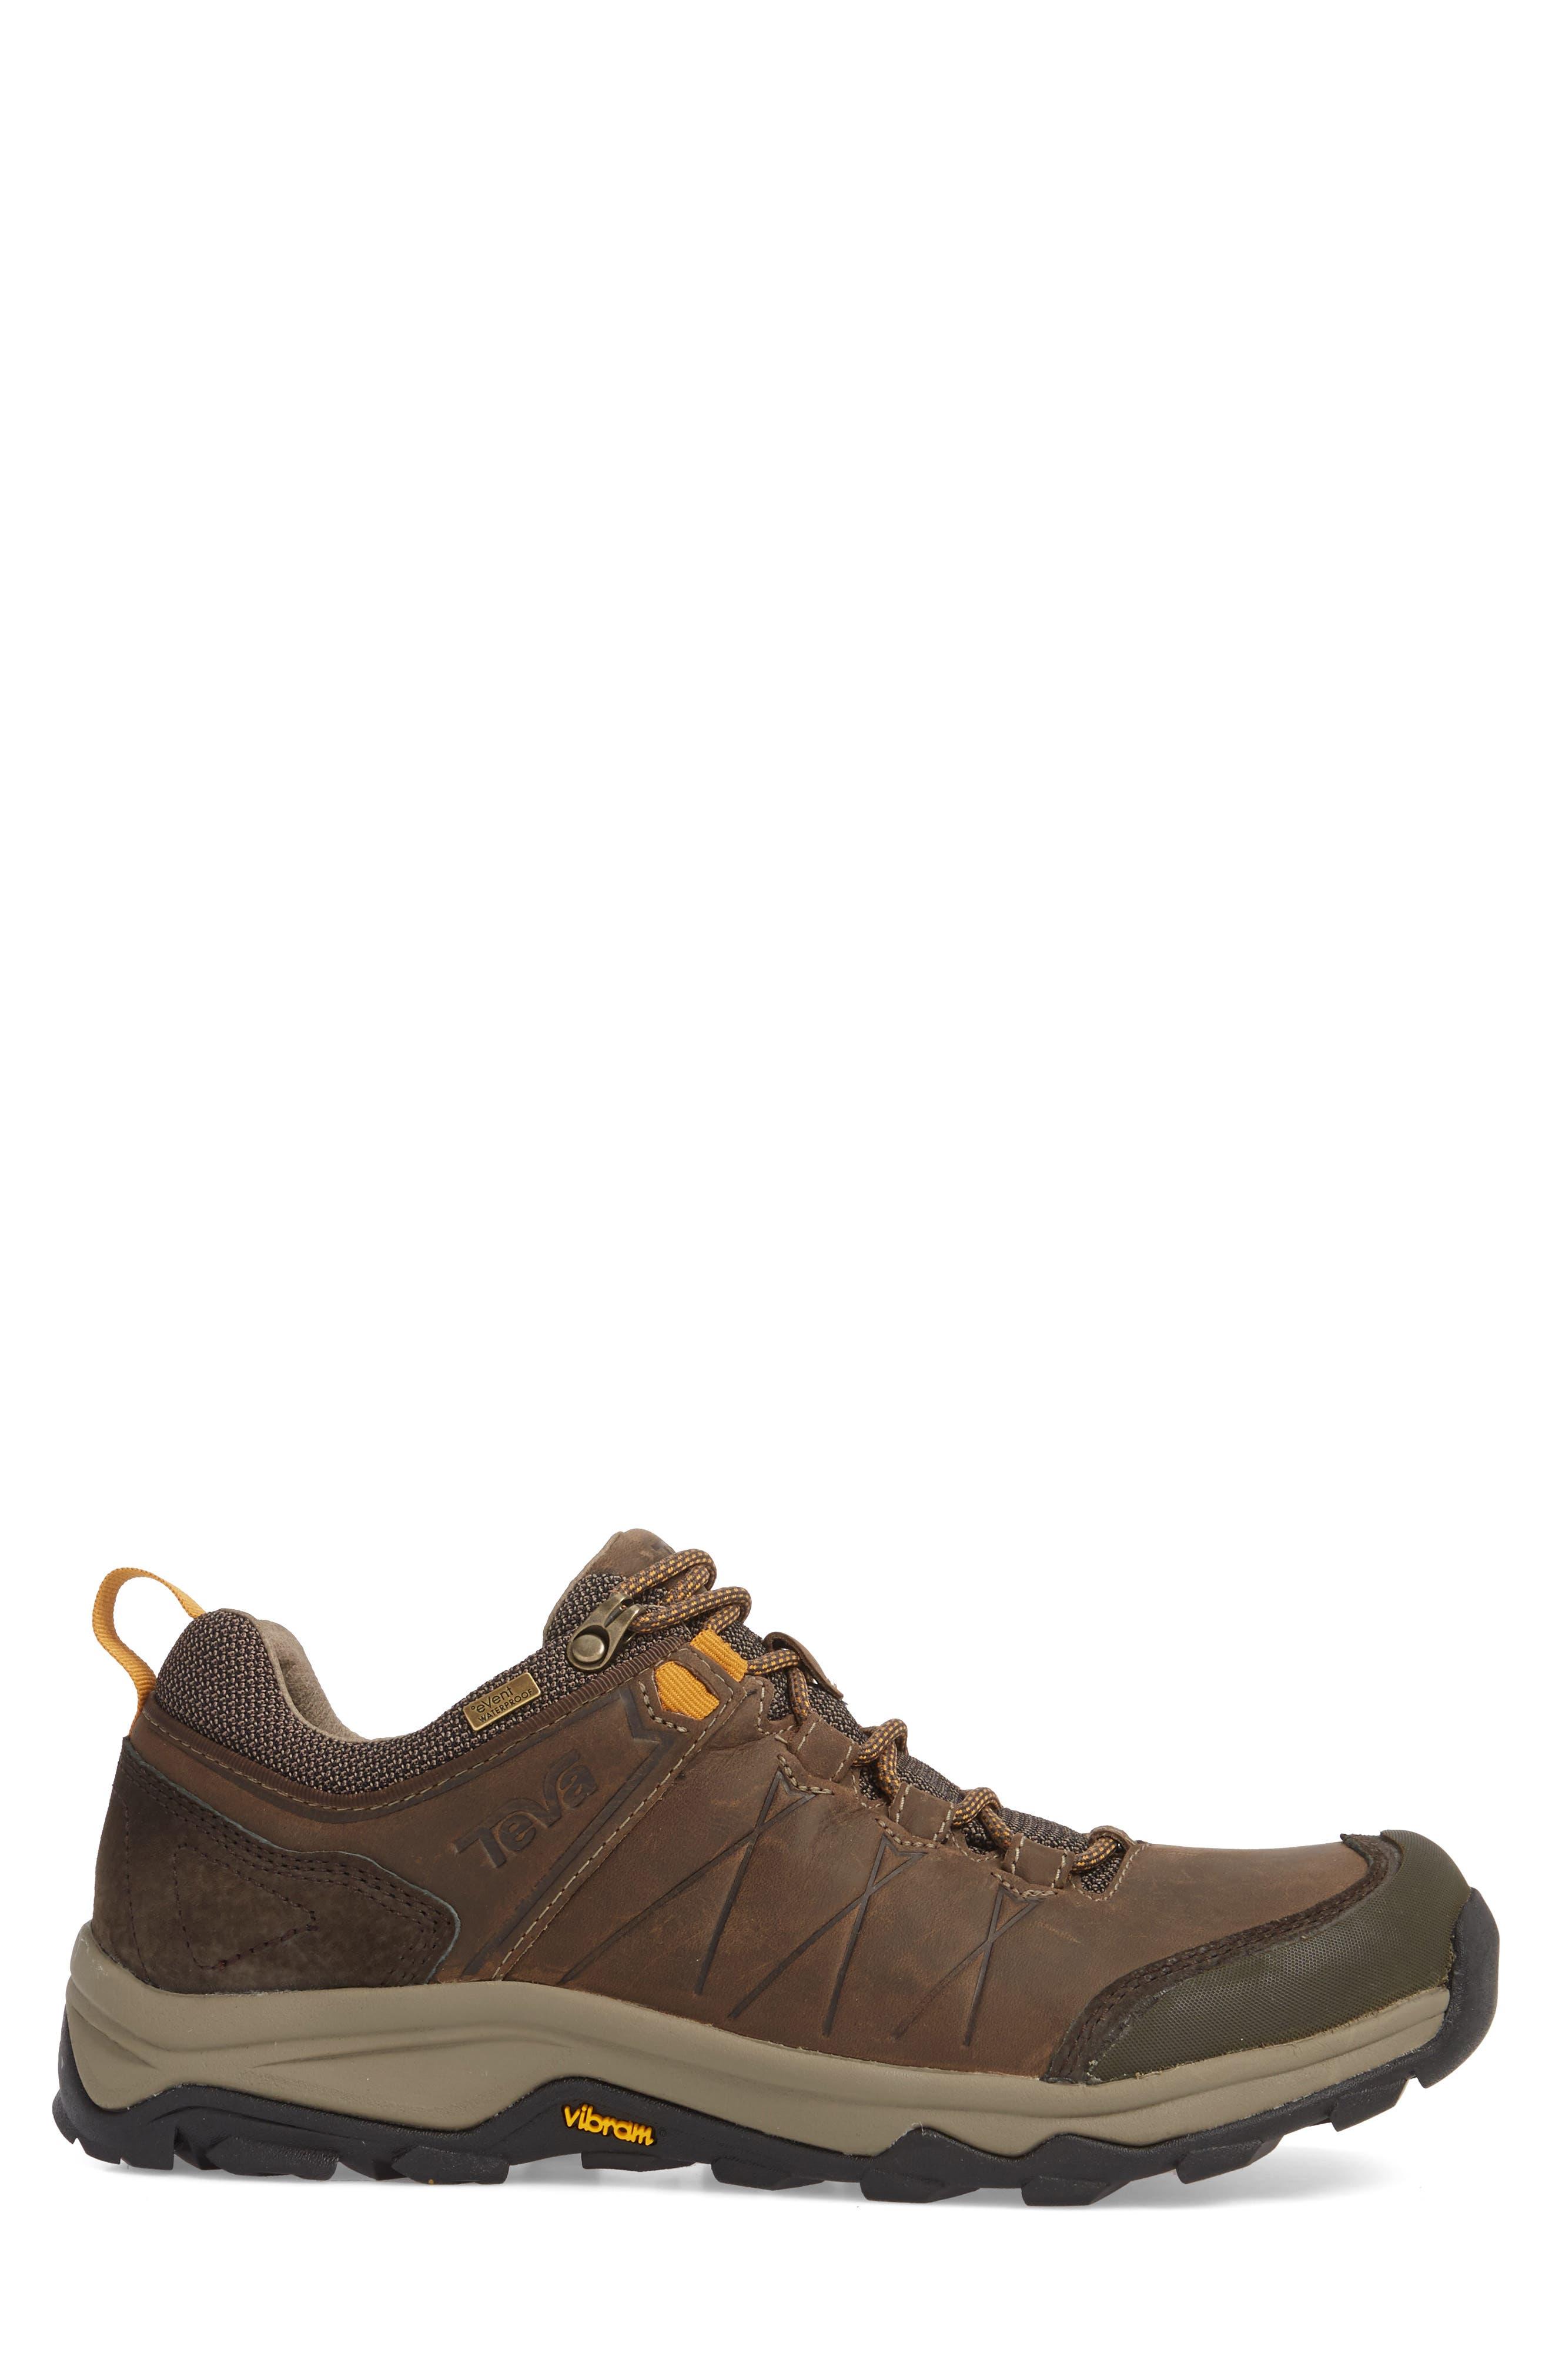 Arrowood Riva Waterproof Sneaker,                             Alternate thumbnail 3, color,                             WALNUT LEATHER